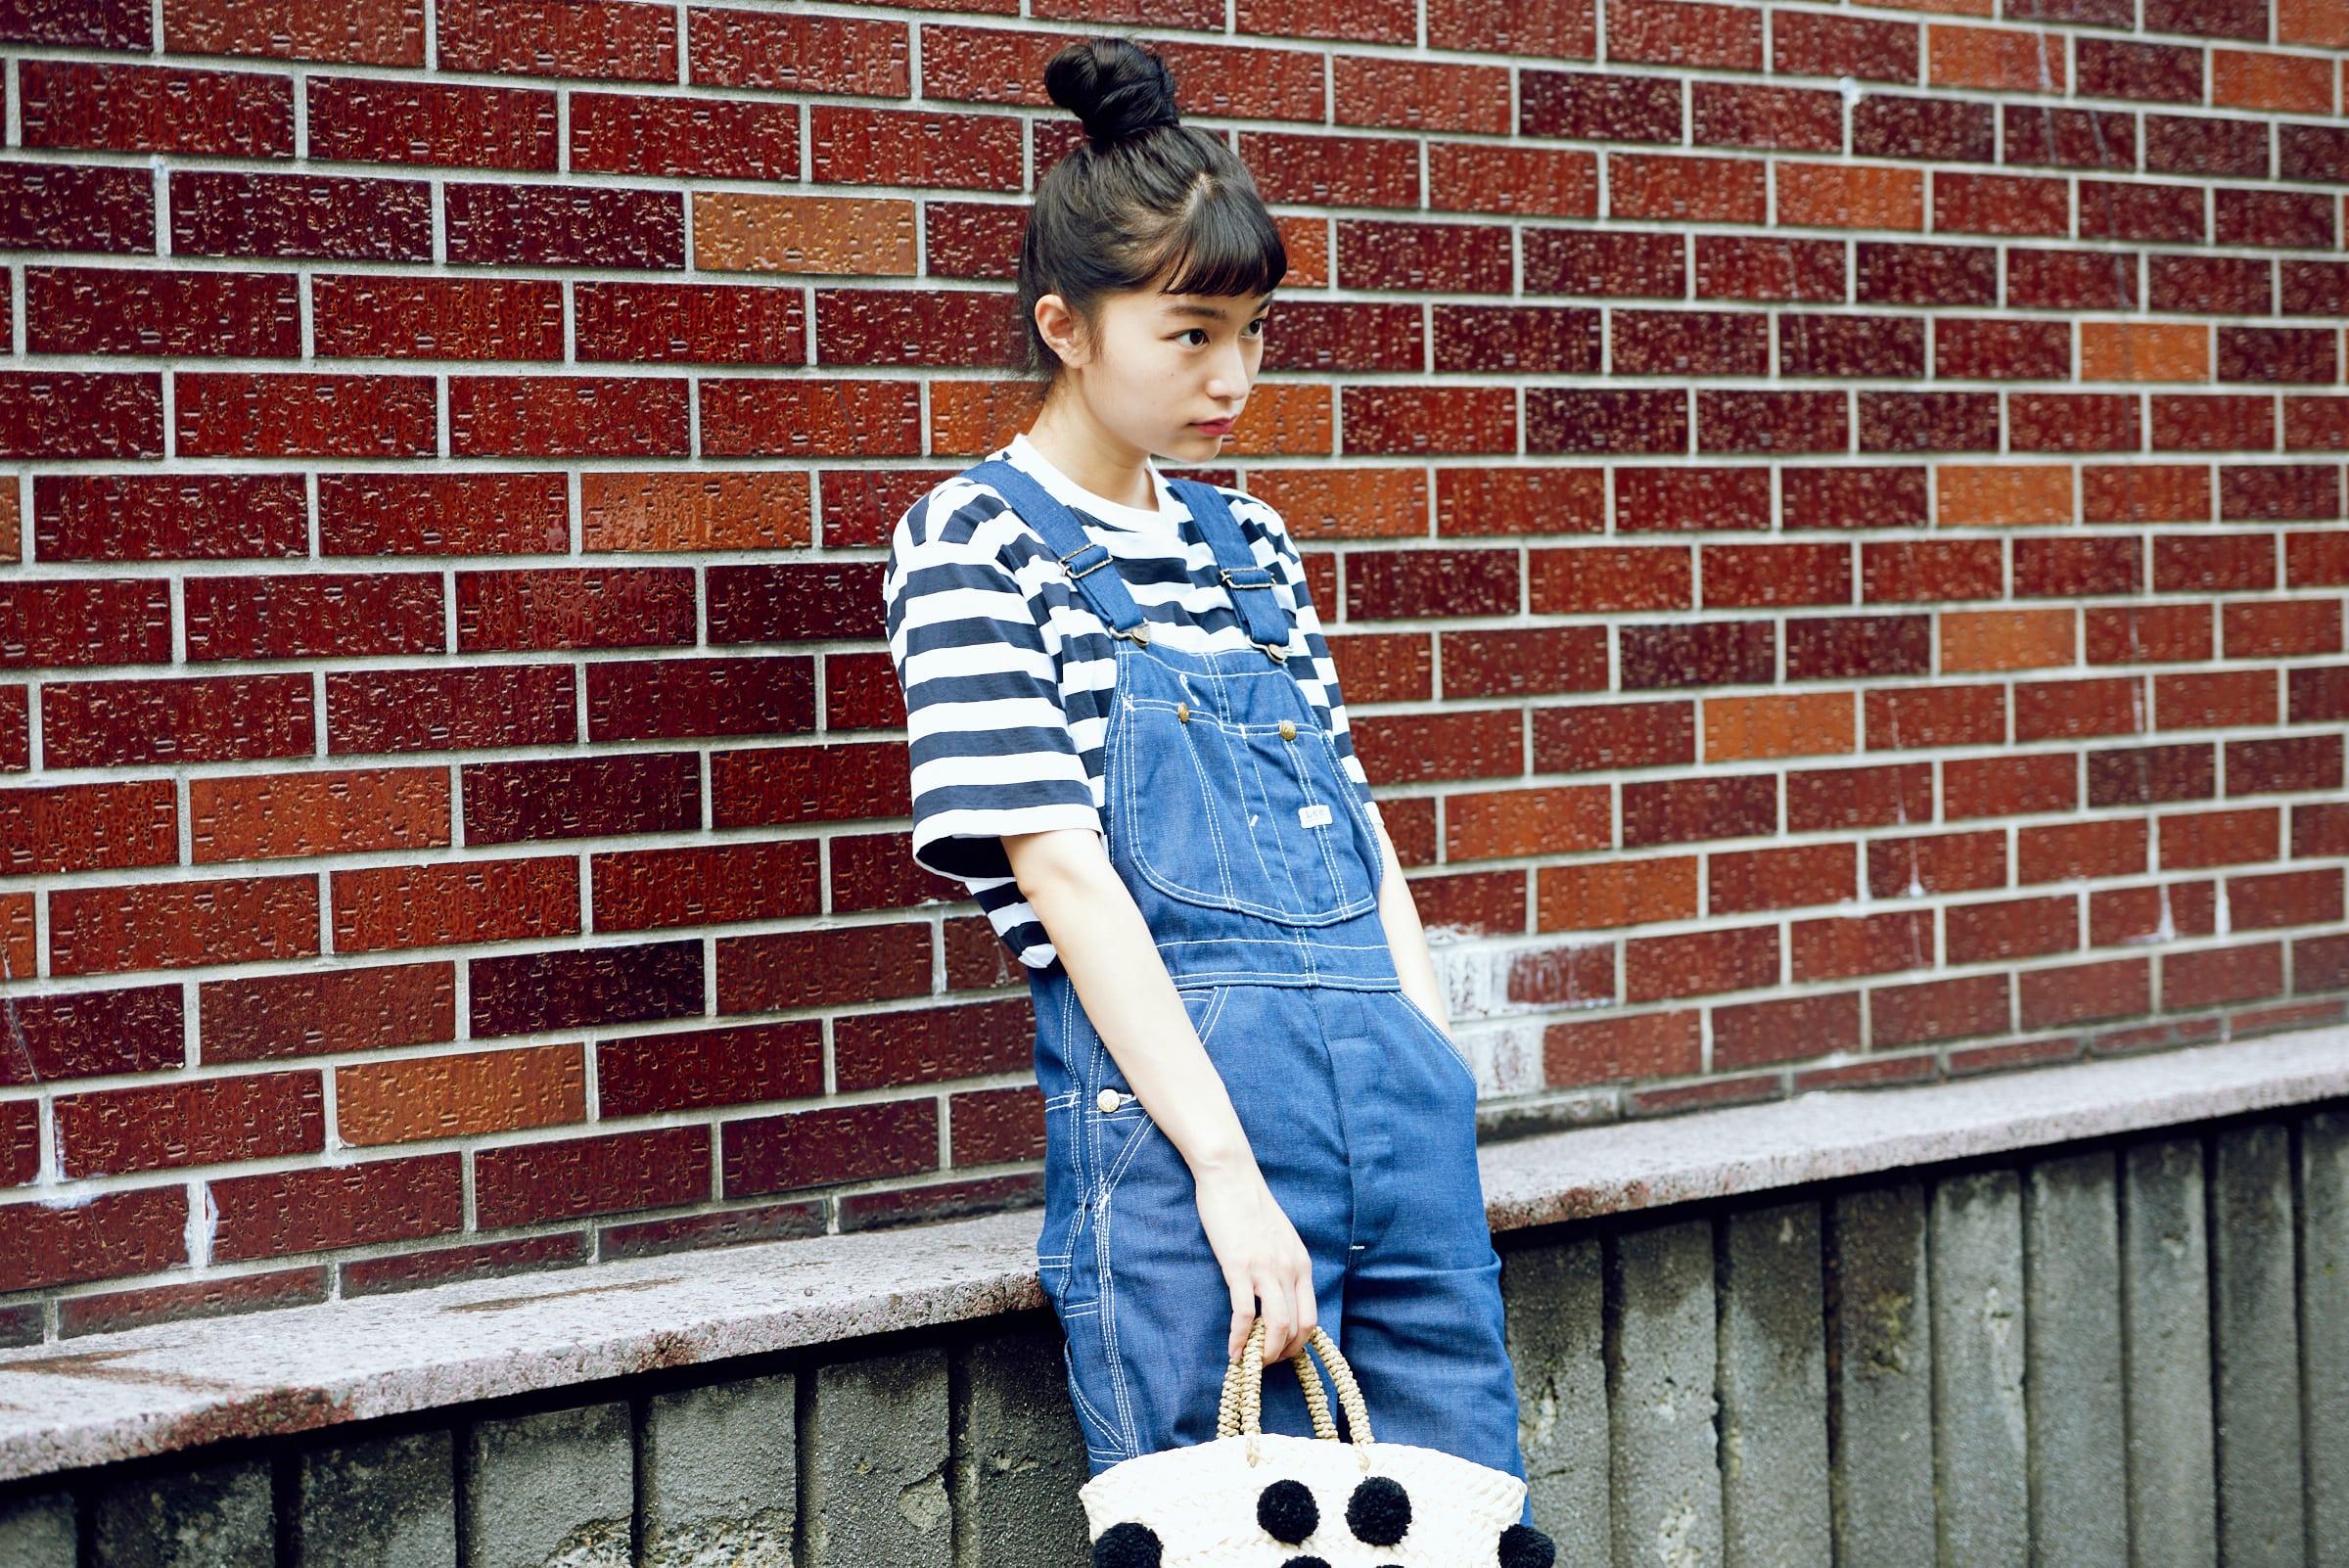 世界で愛され45周年!ナイキ・コルテッツで魅せる、モデル・阿部朱梨の私服スニーカーコーデ